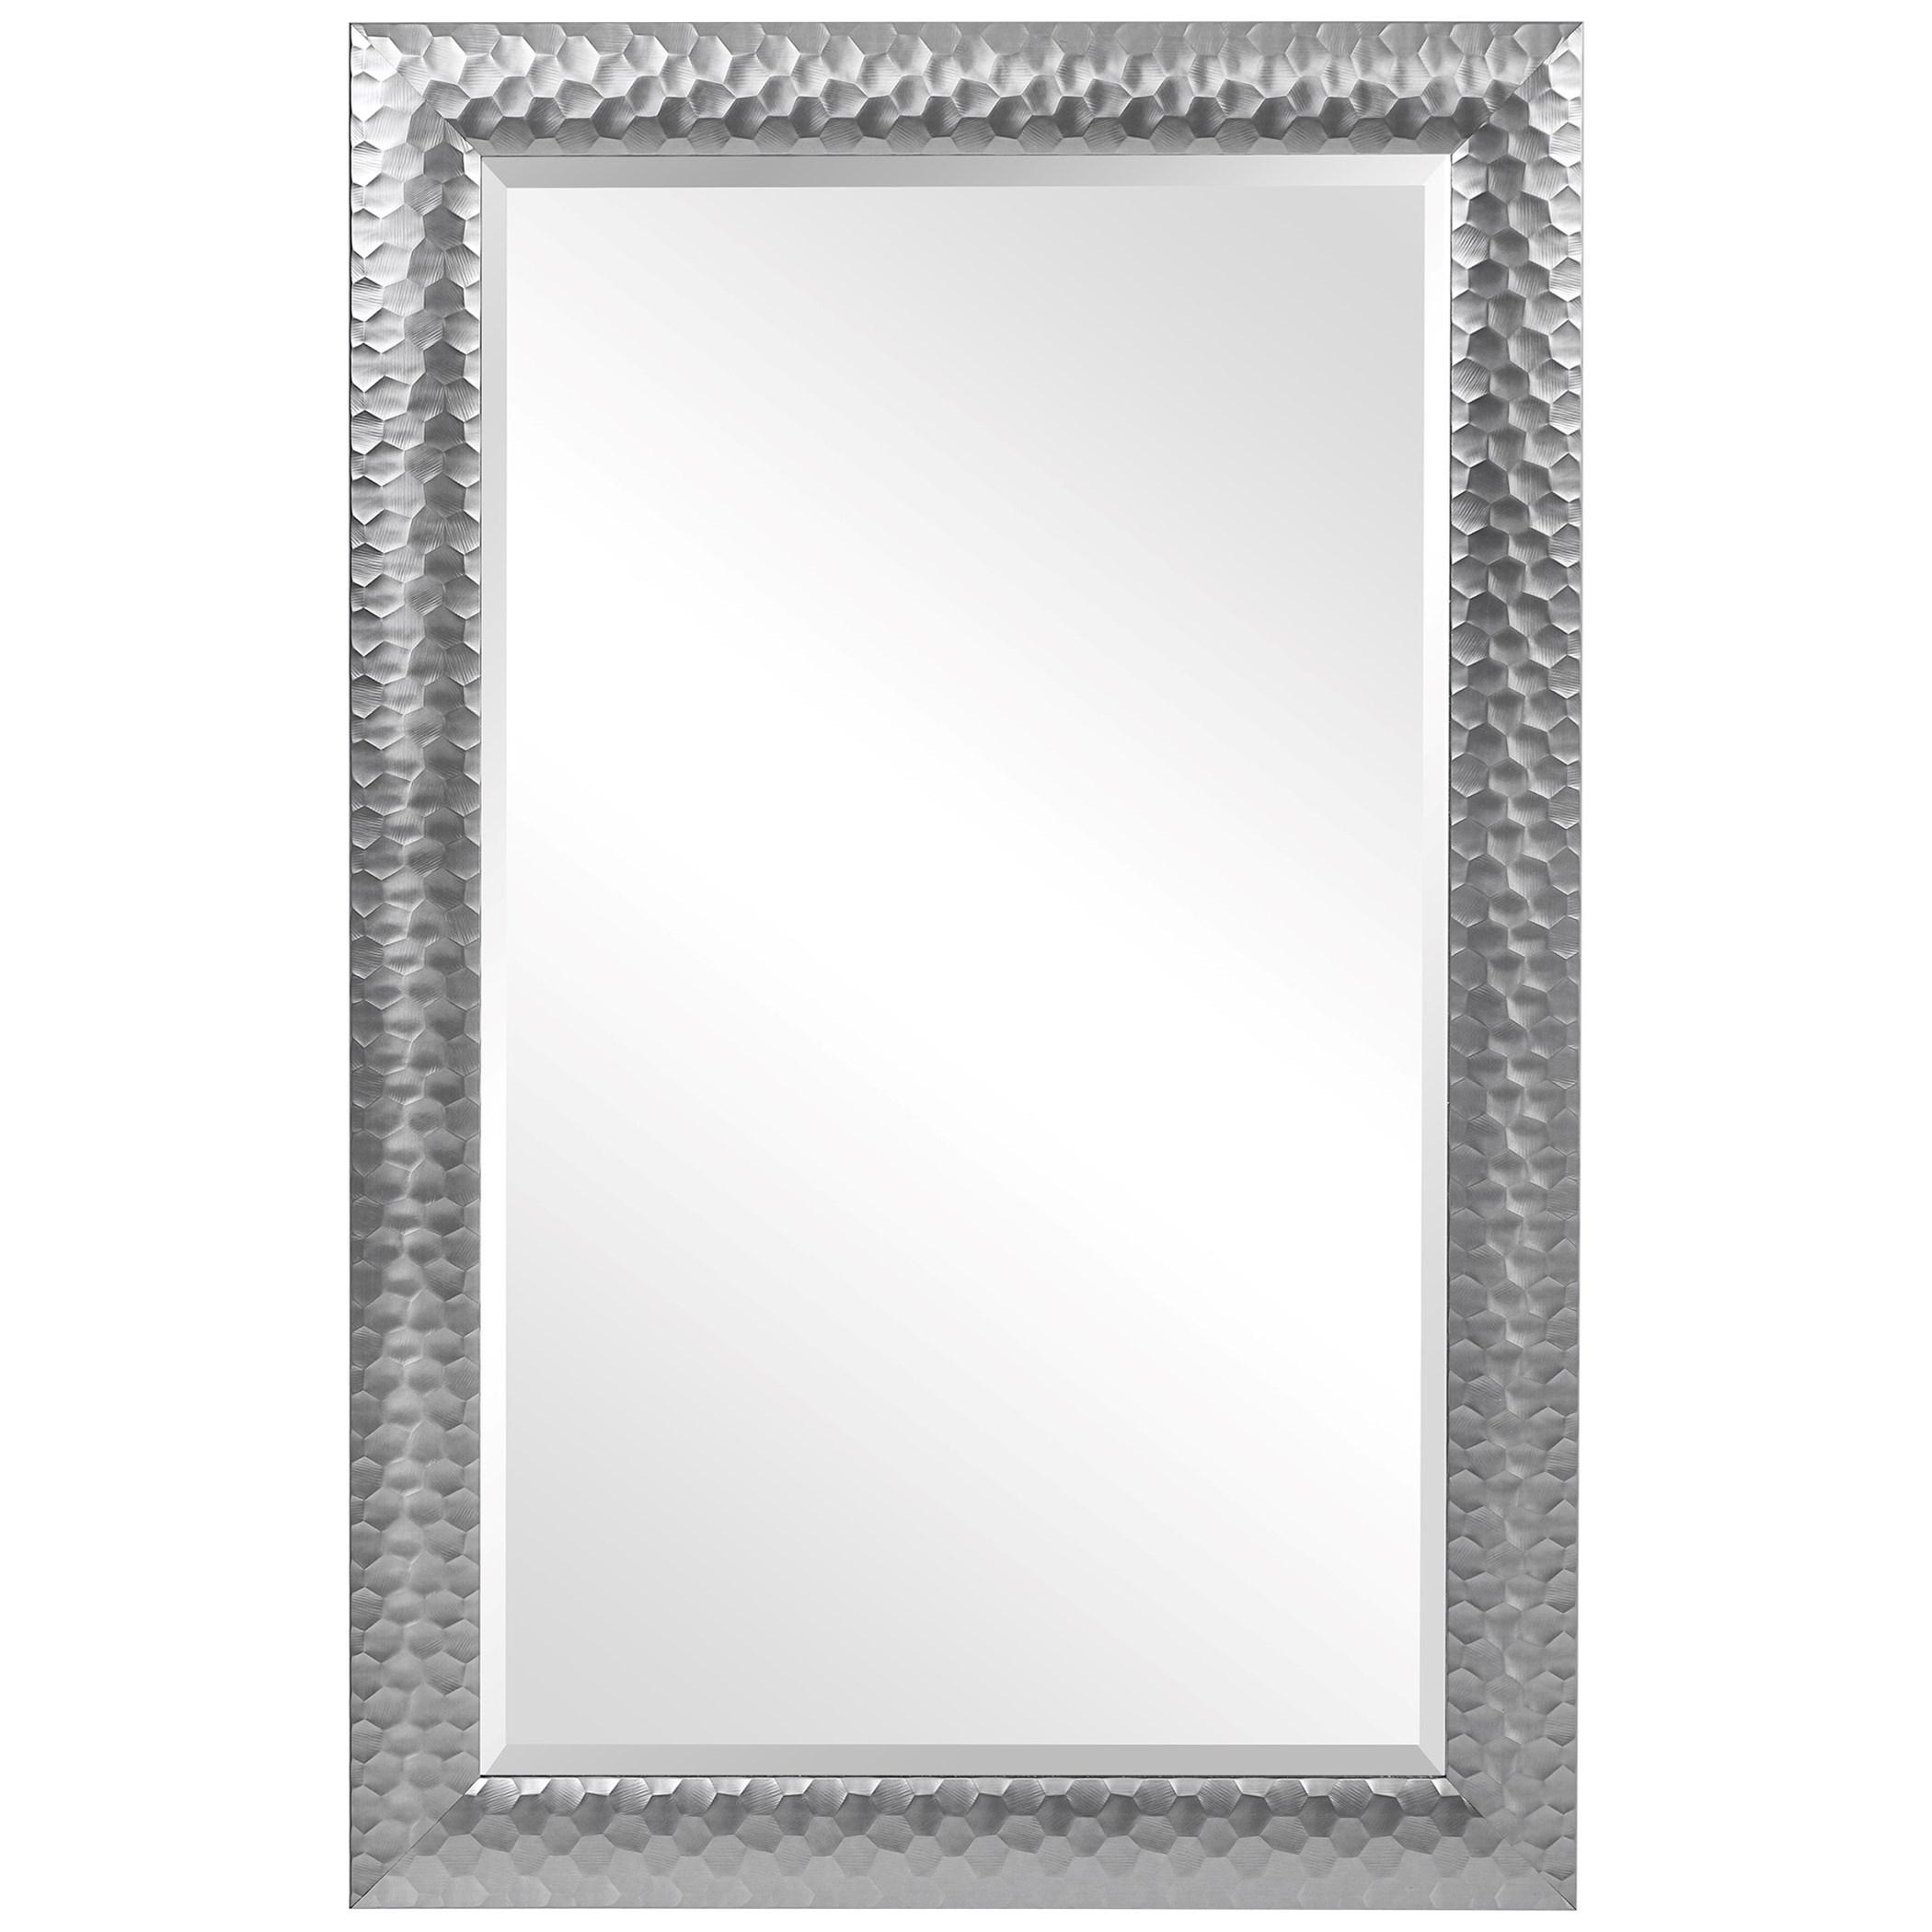 Mirrors Caldera Textured Gray Mirror by Uttermost at Mueller Furniture